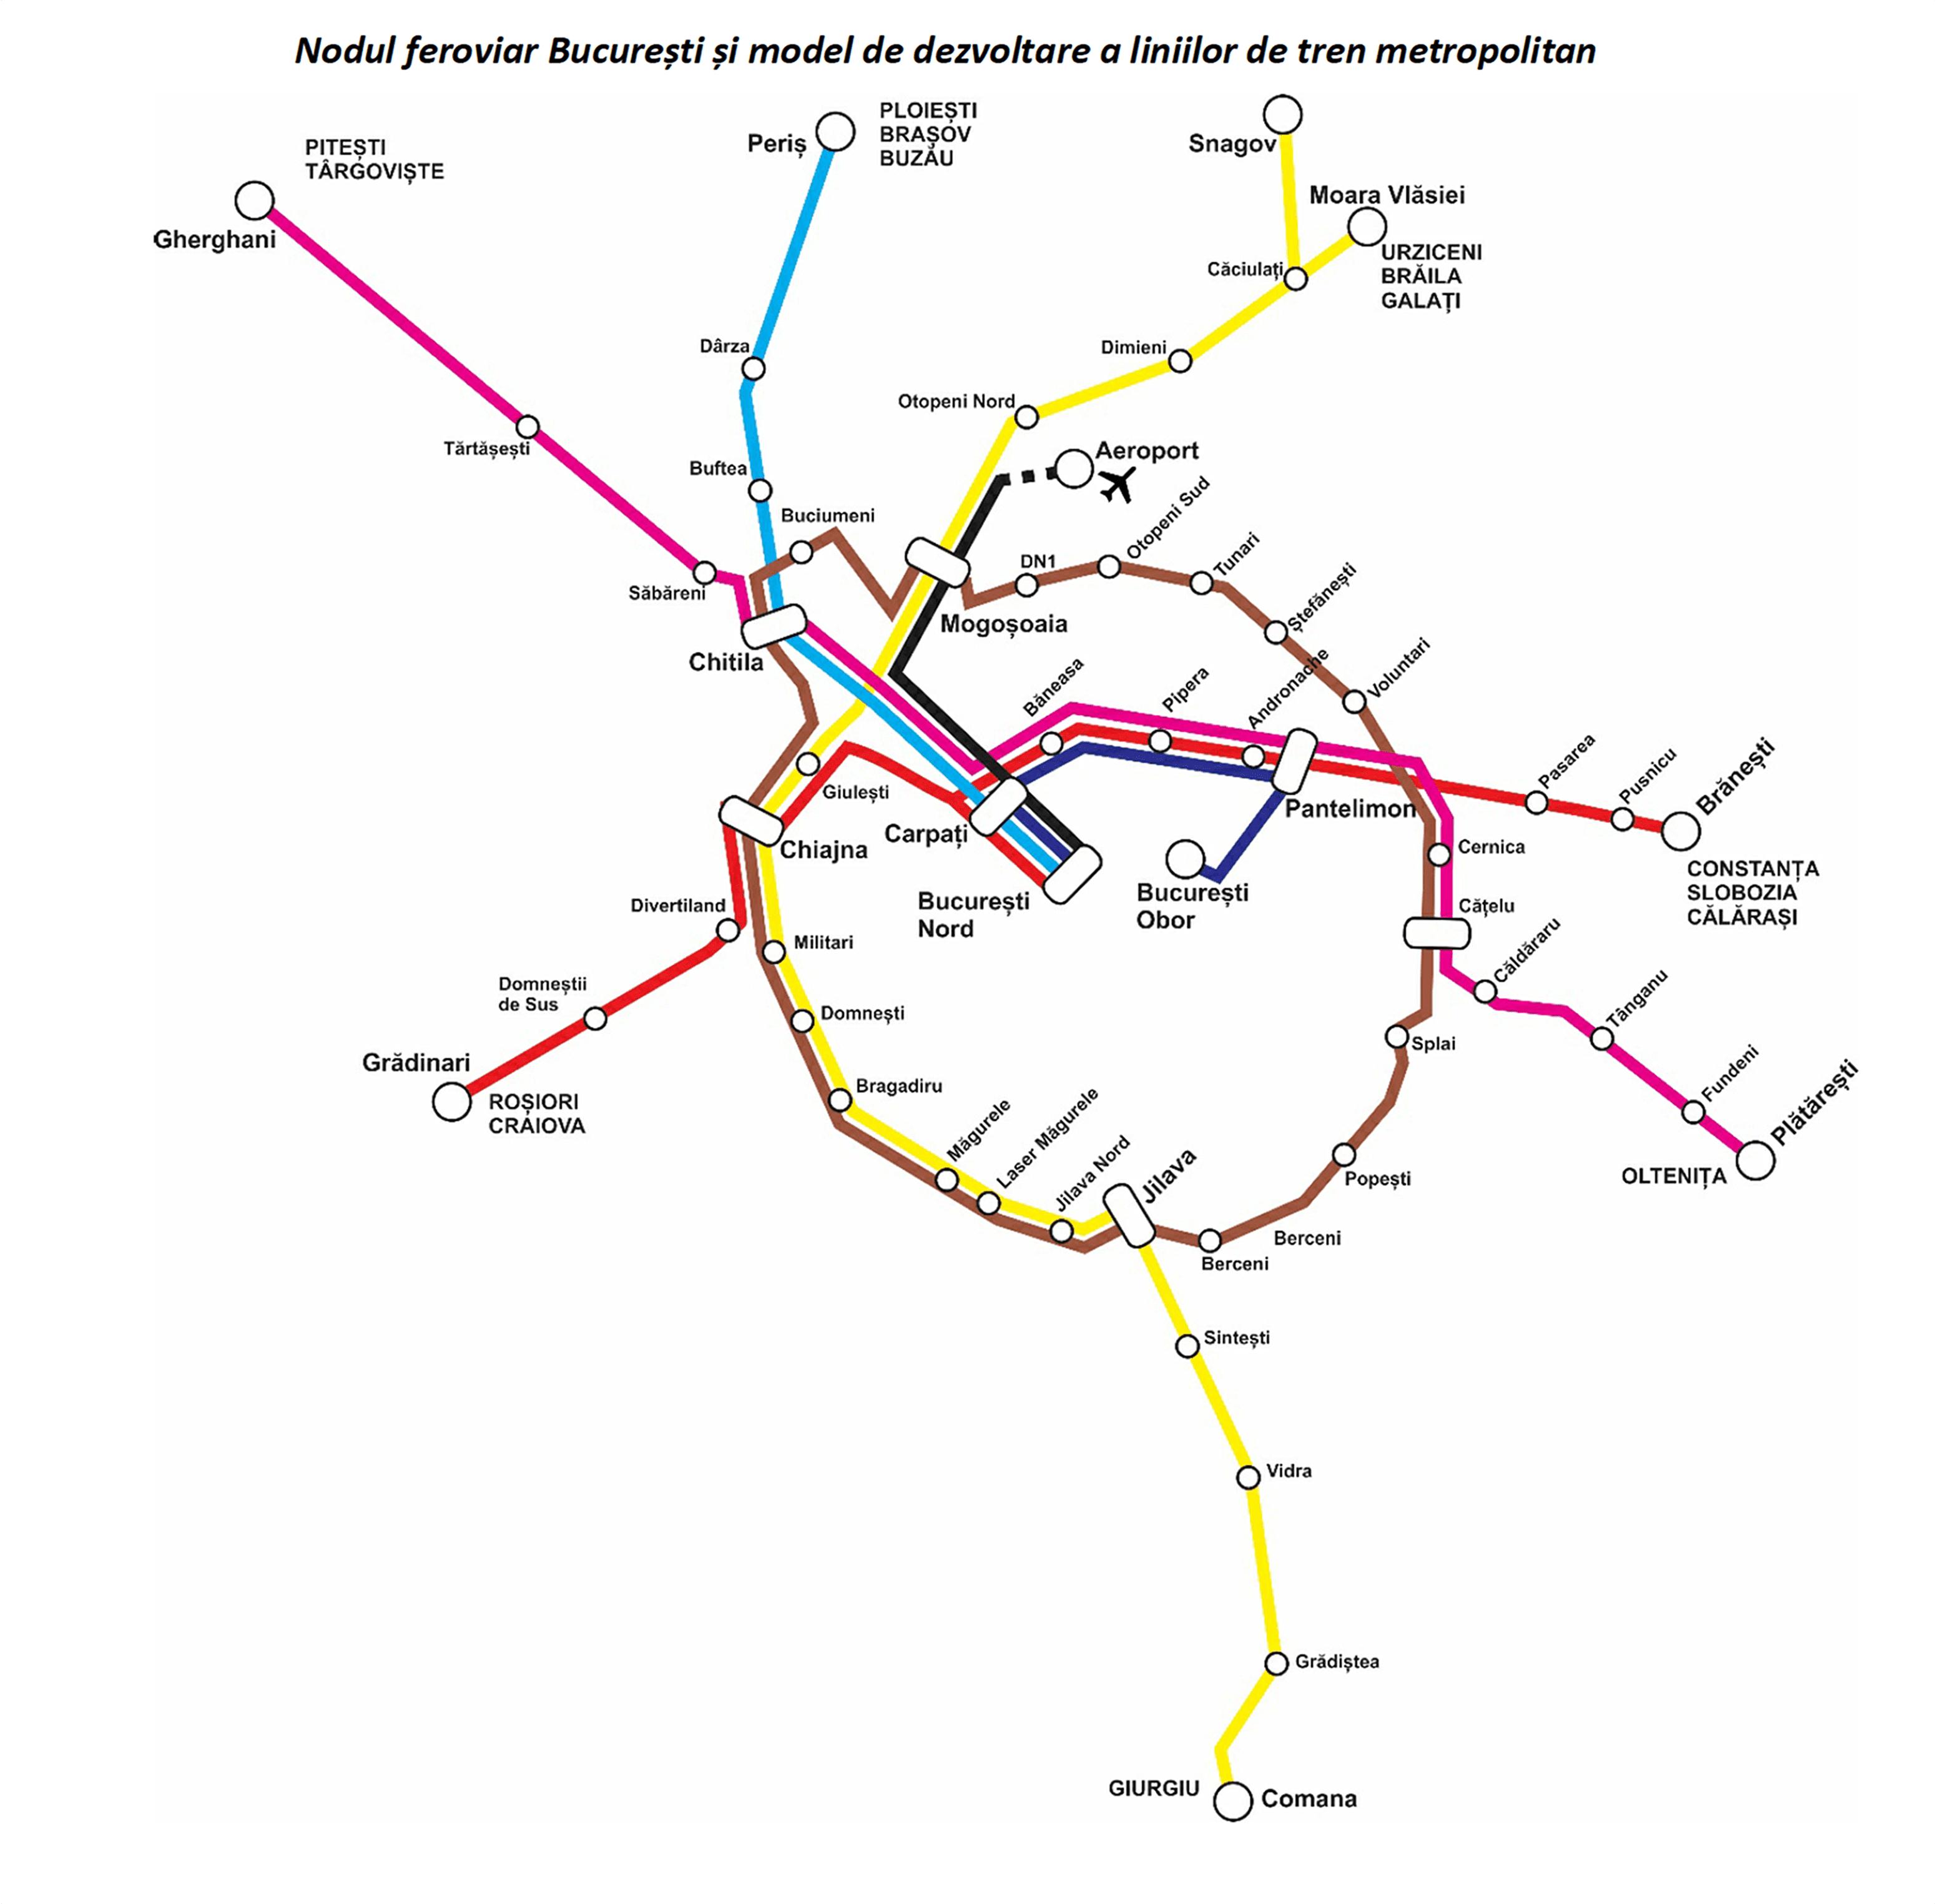 tren metorpolitan - Potențialul trenului metropolitan de a transforma dezvoltarea imobiliară periurbană